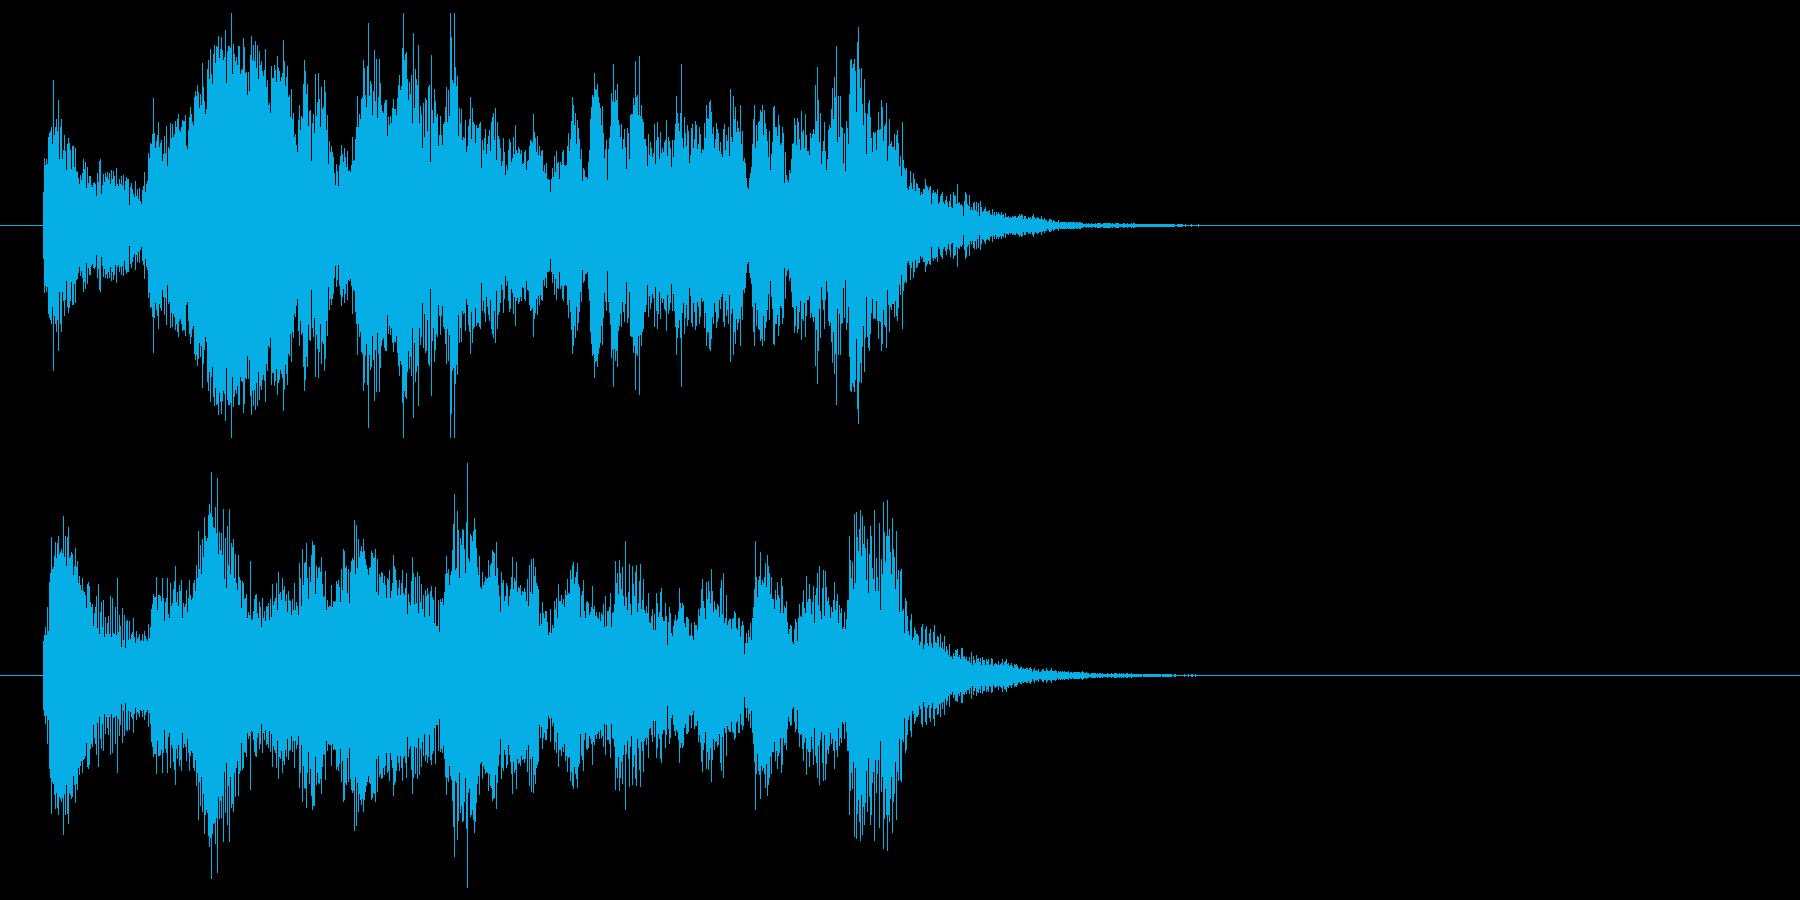 ストリングスとマリンバのジングルの再生済みの波形